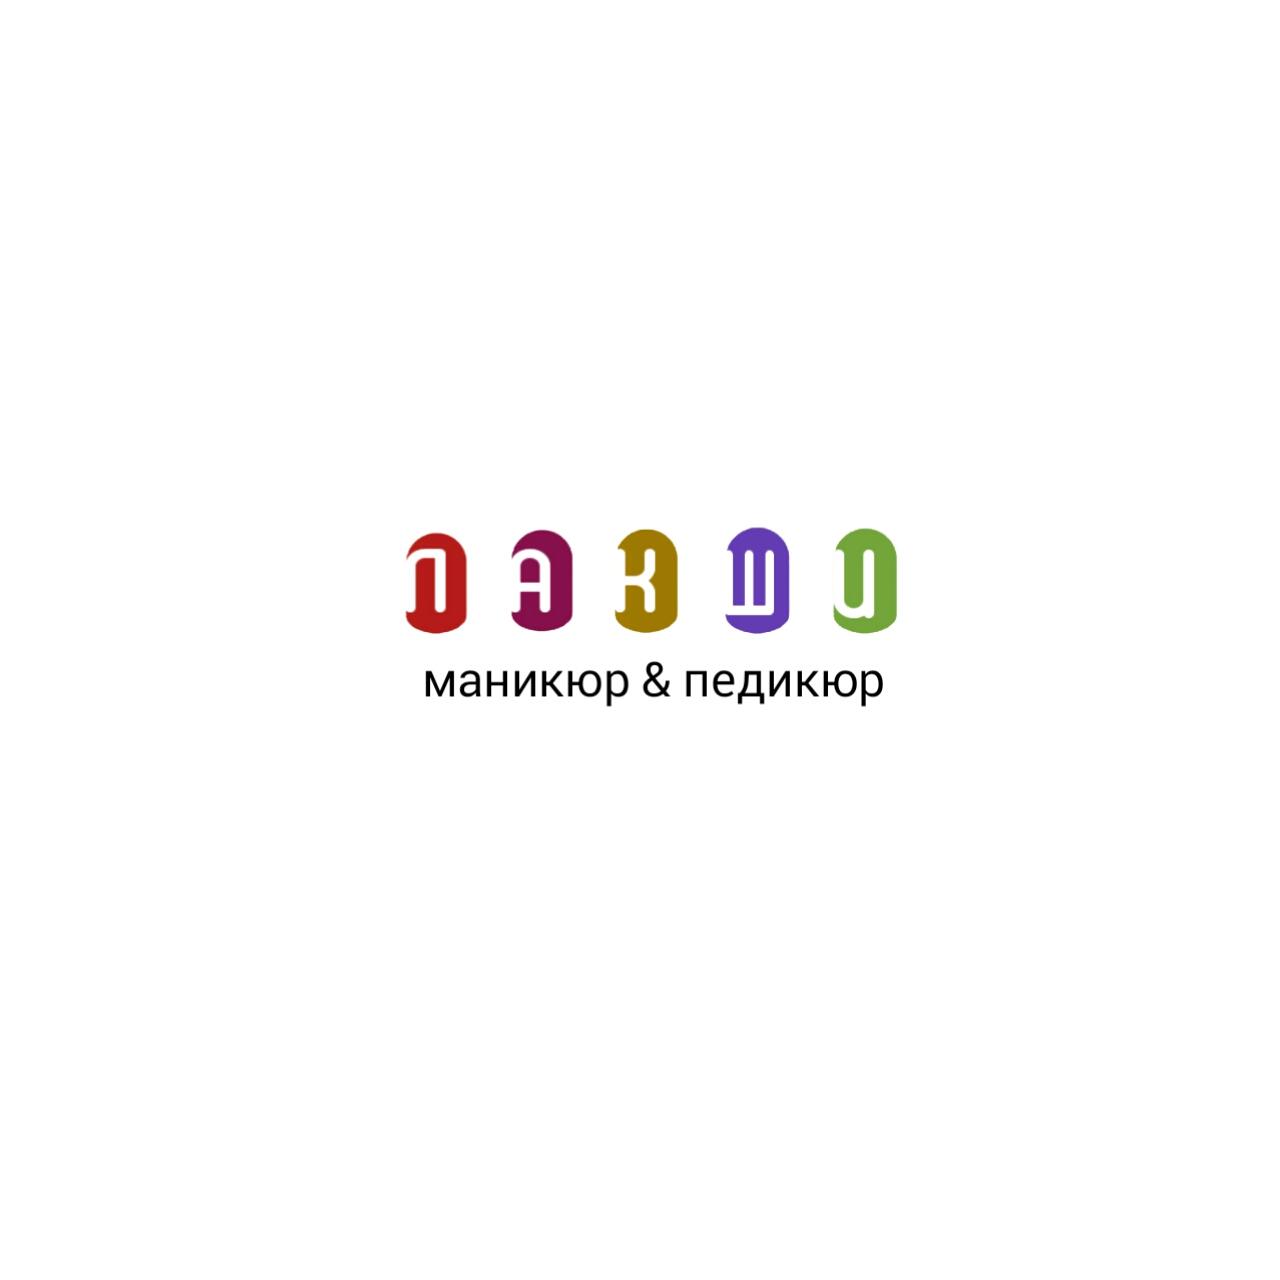 Разработка логотипа фирменного стиля фото f_0305c582771d48ba.jpg